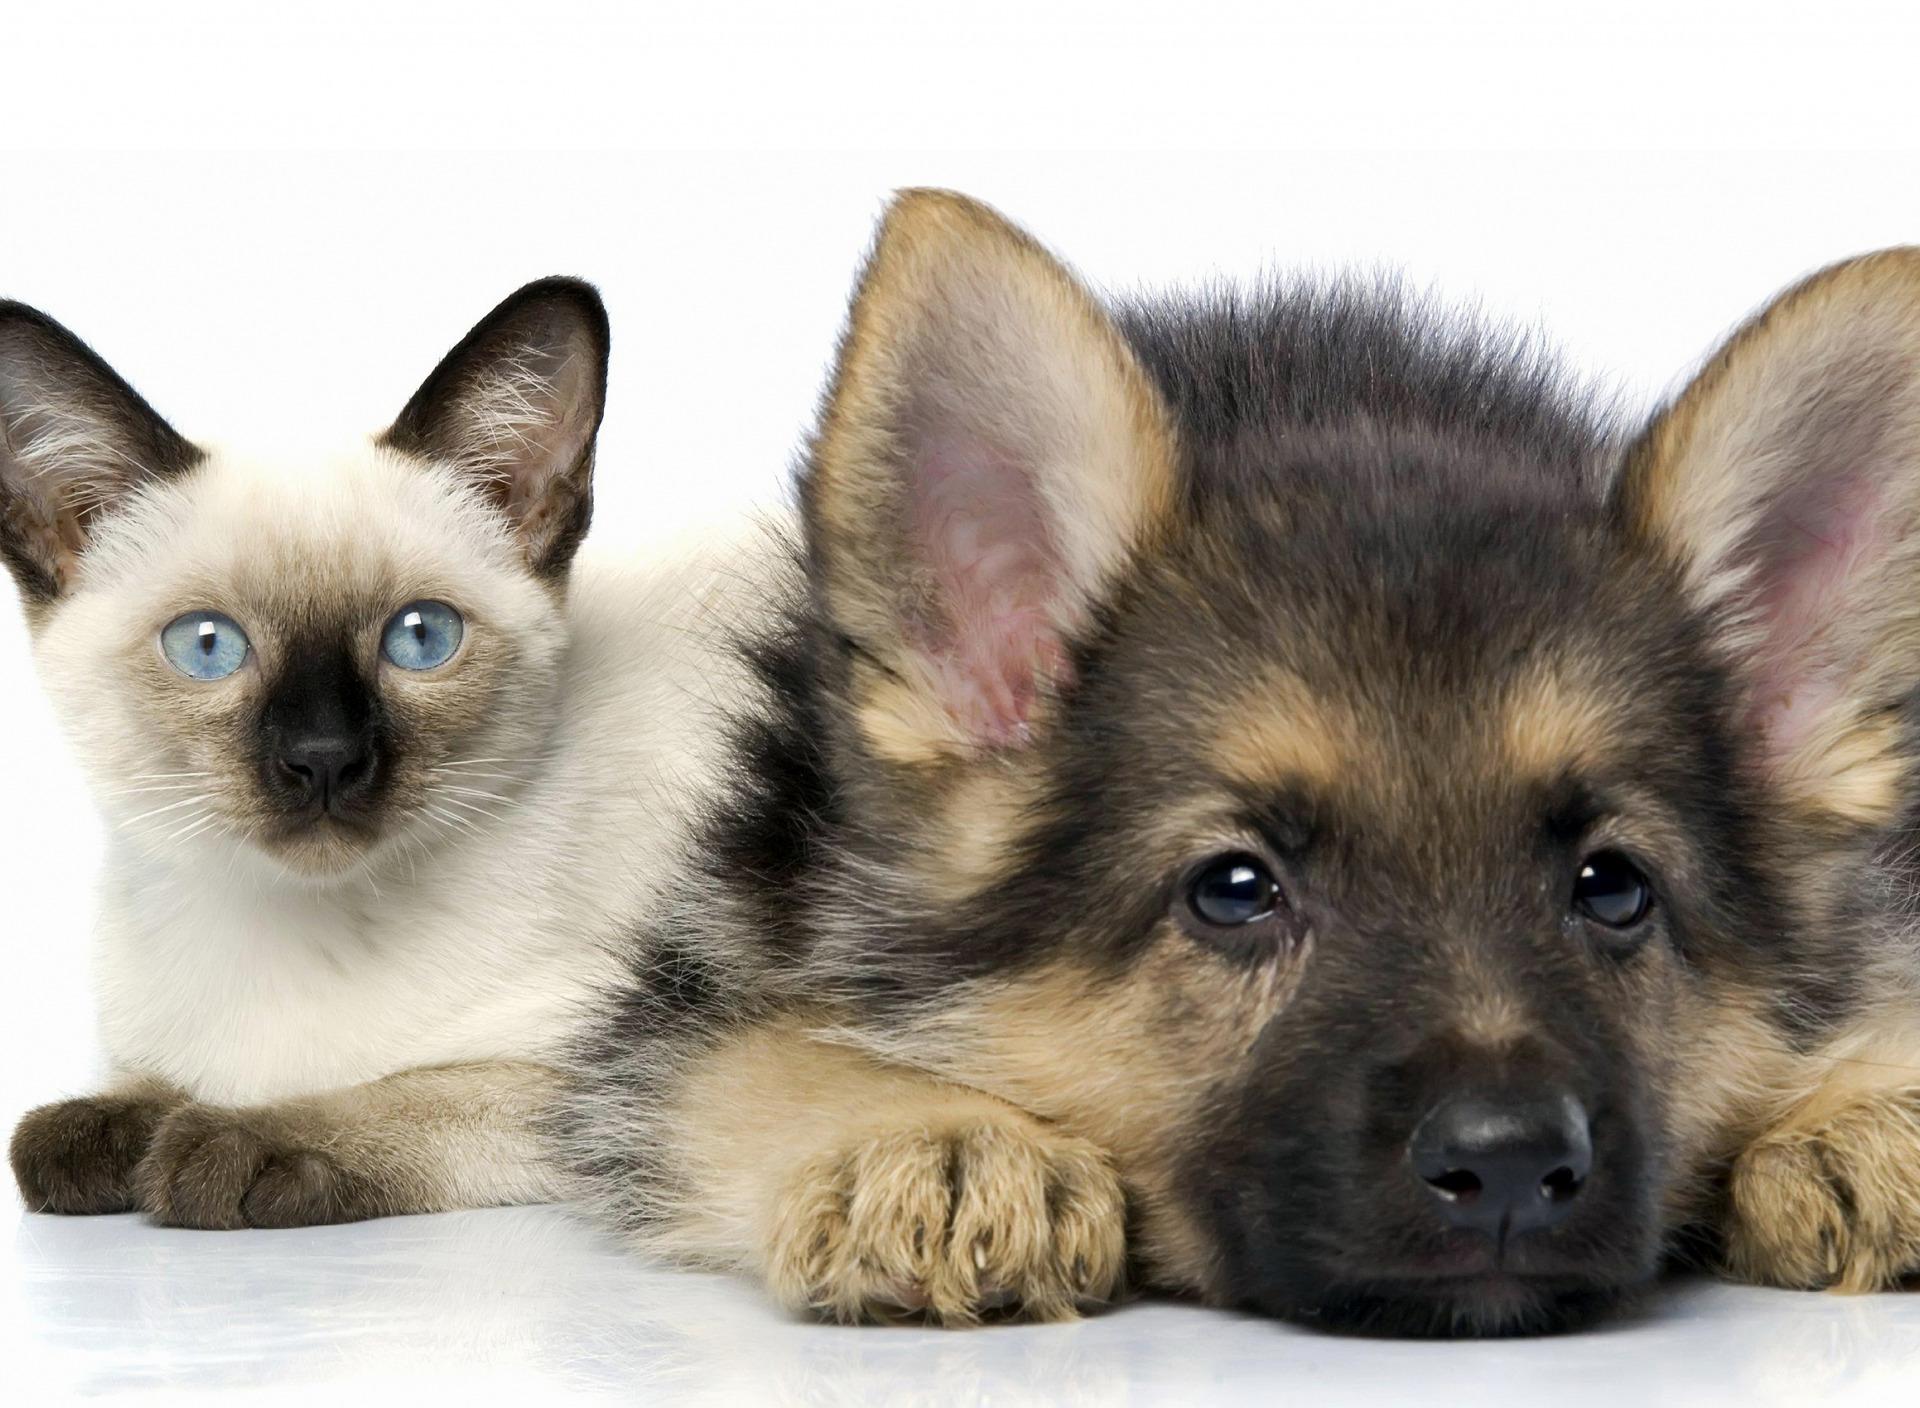 картинки для рабочего стола с домашними животными цей